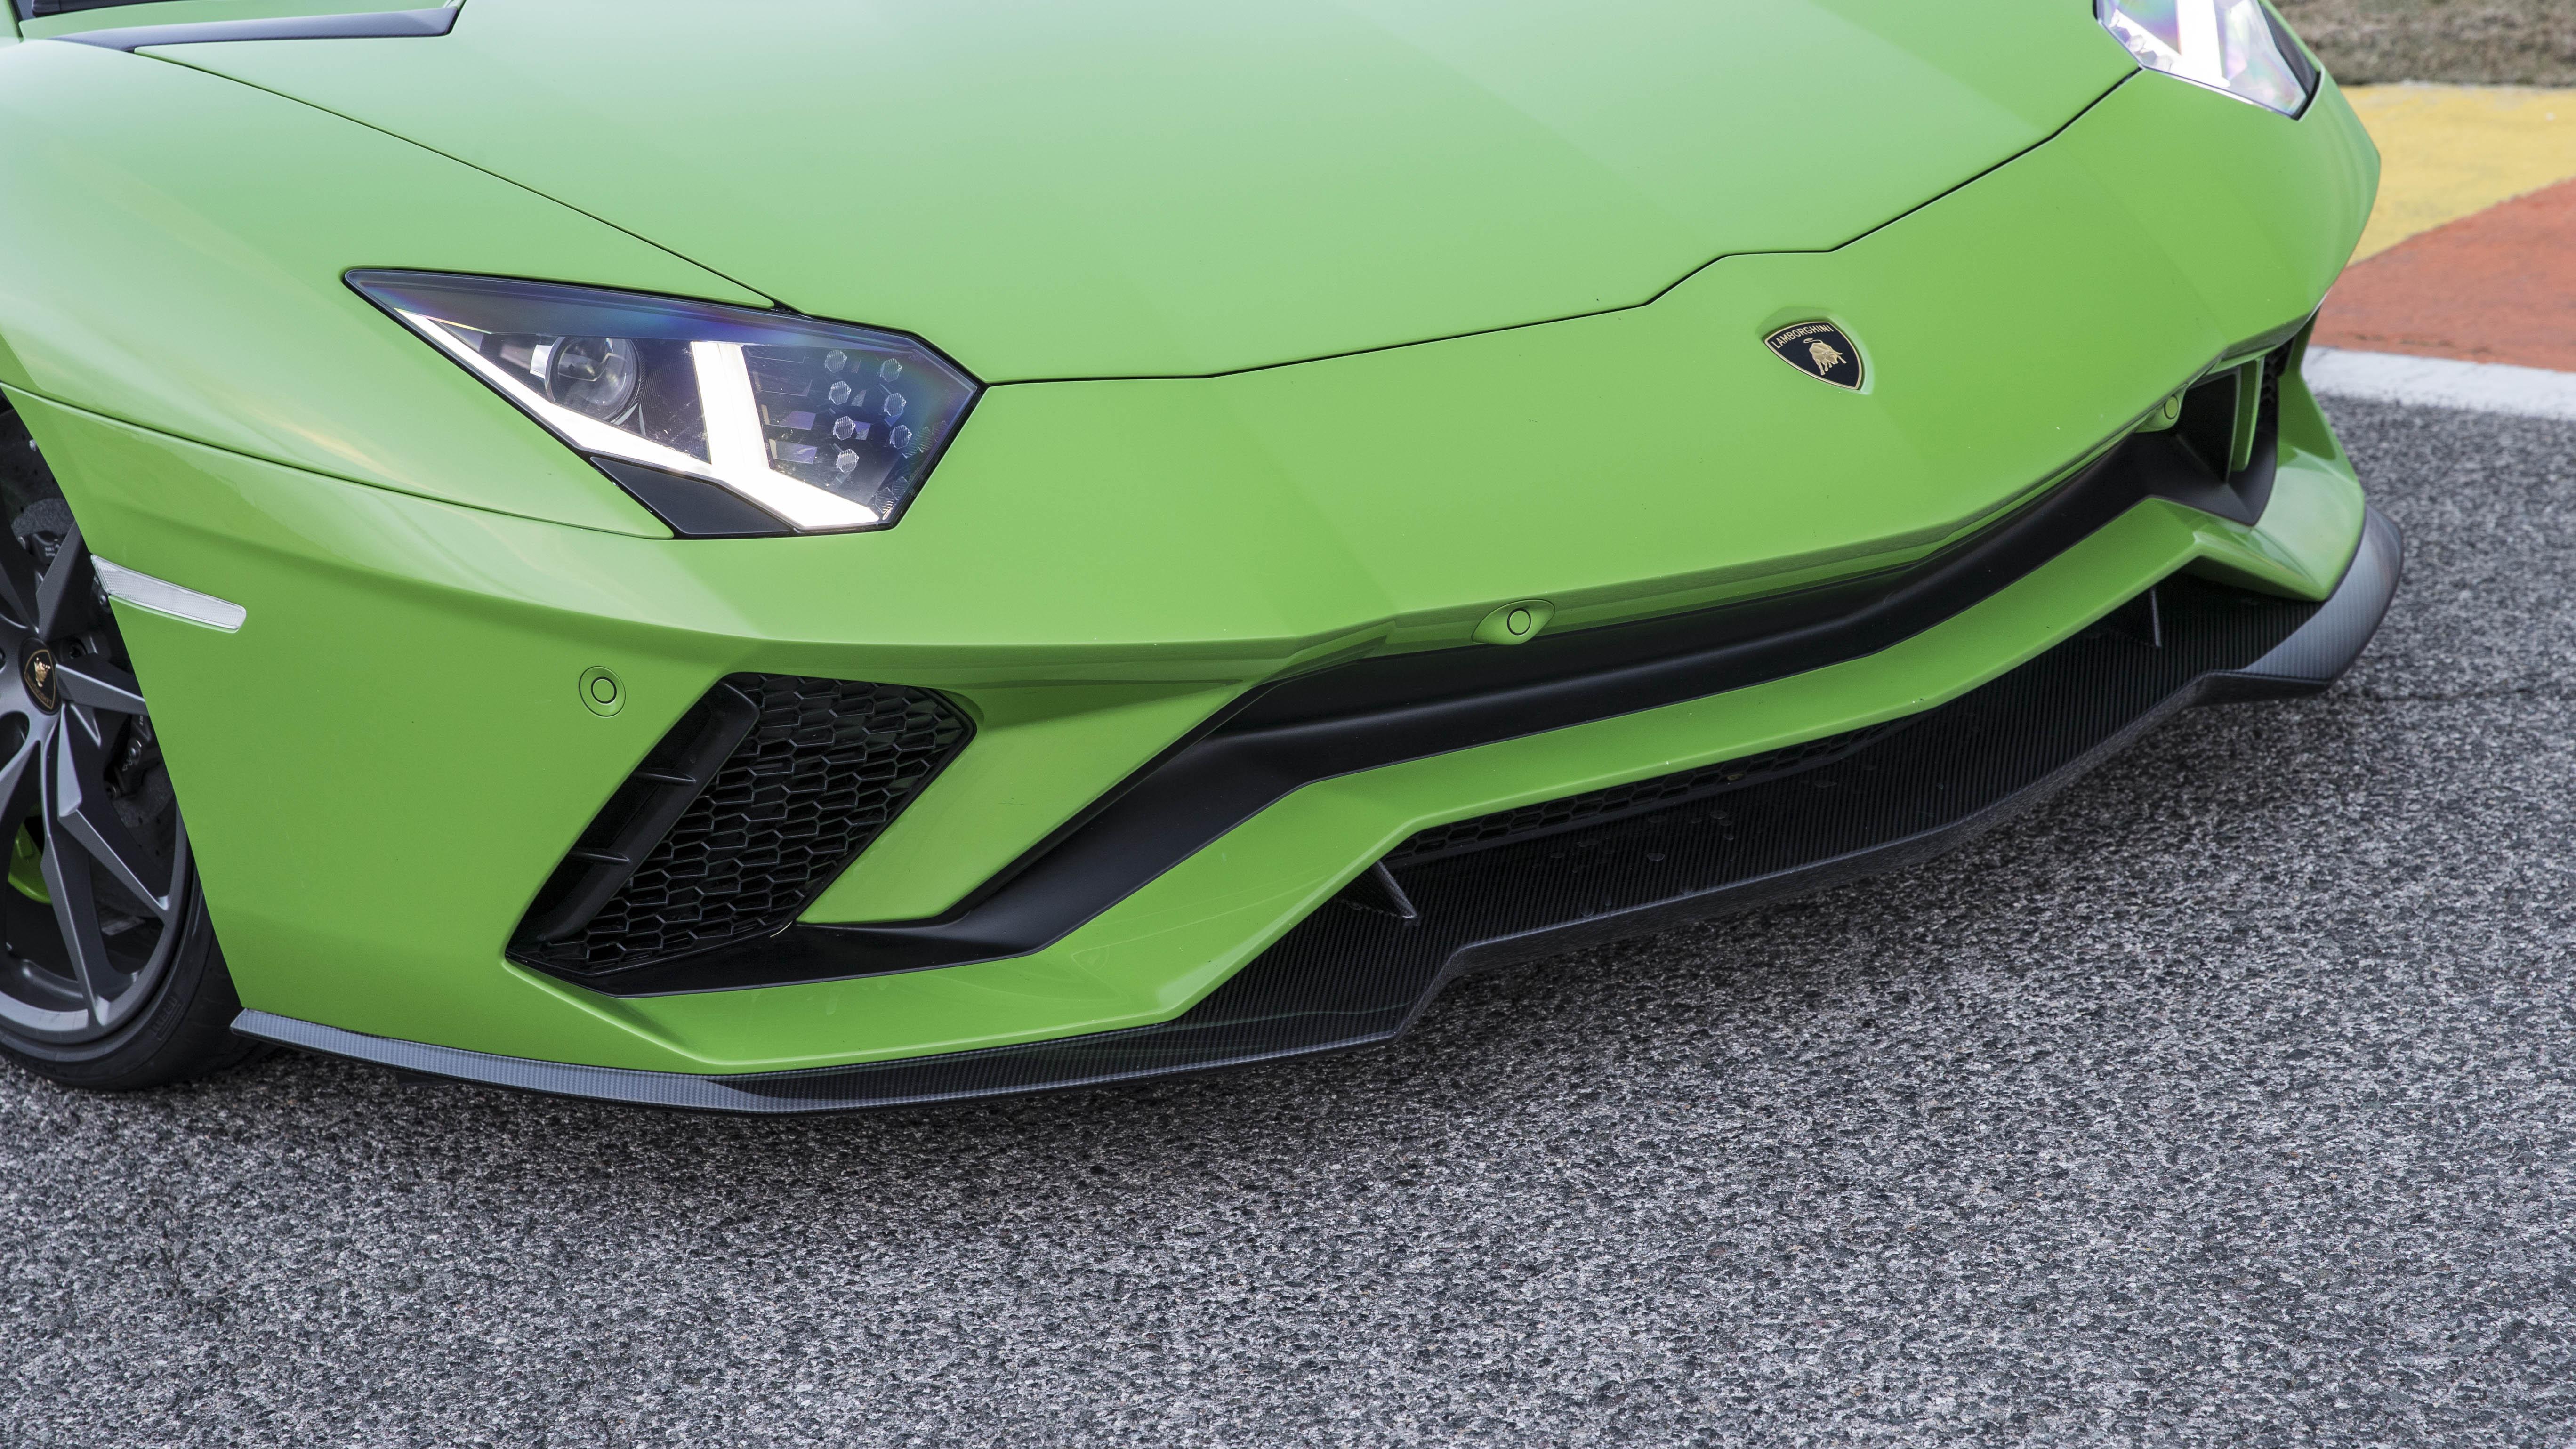 Lamborghini Aventador S front